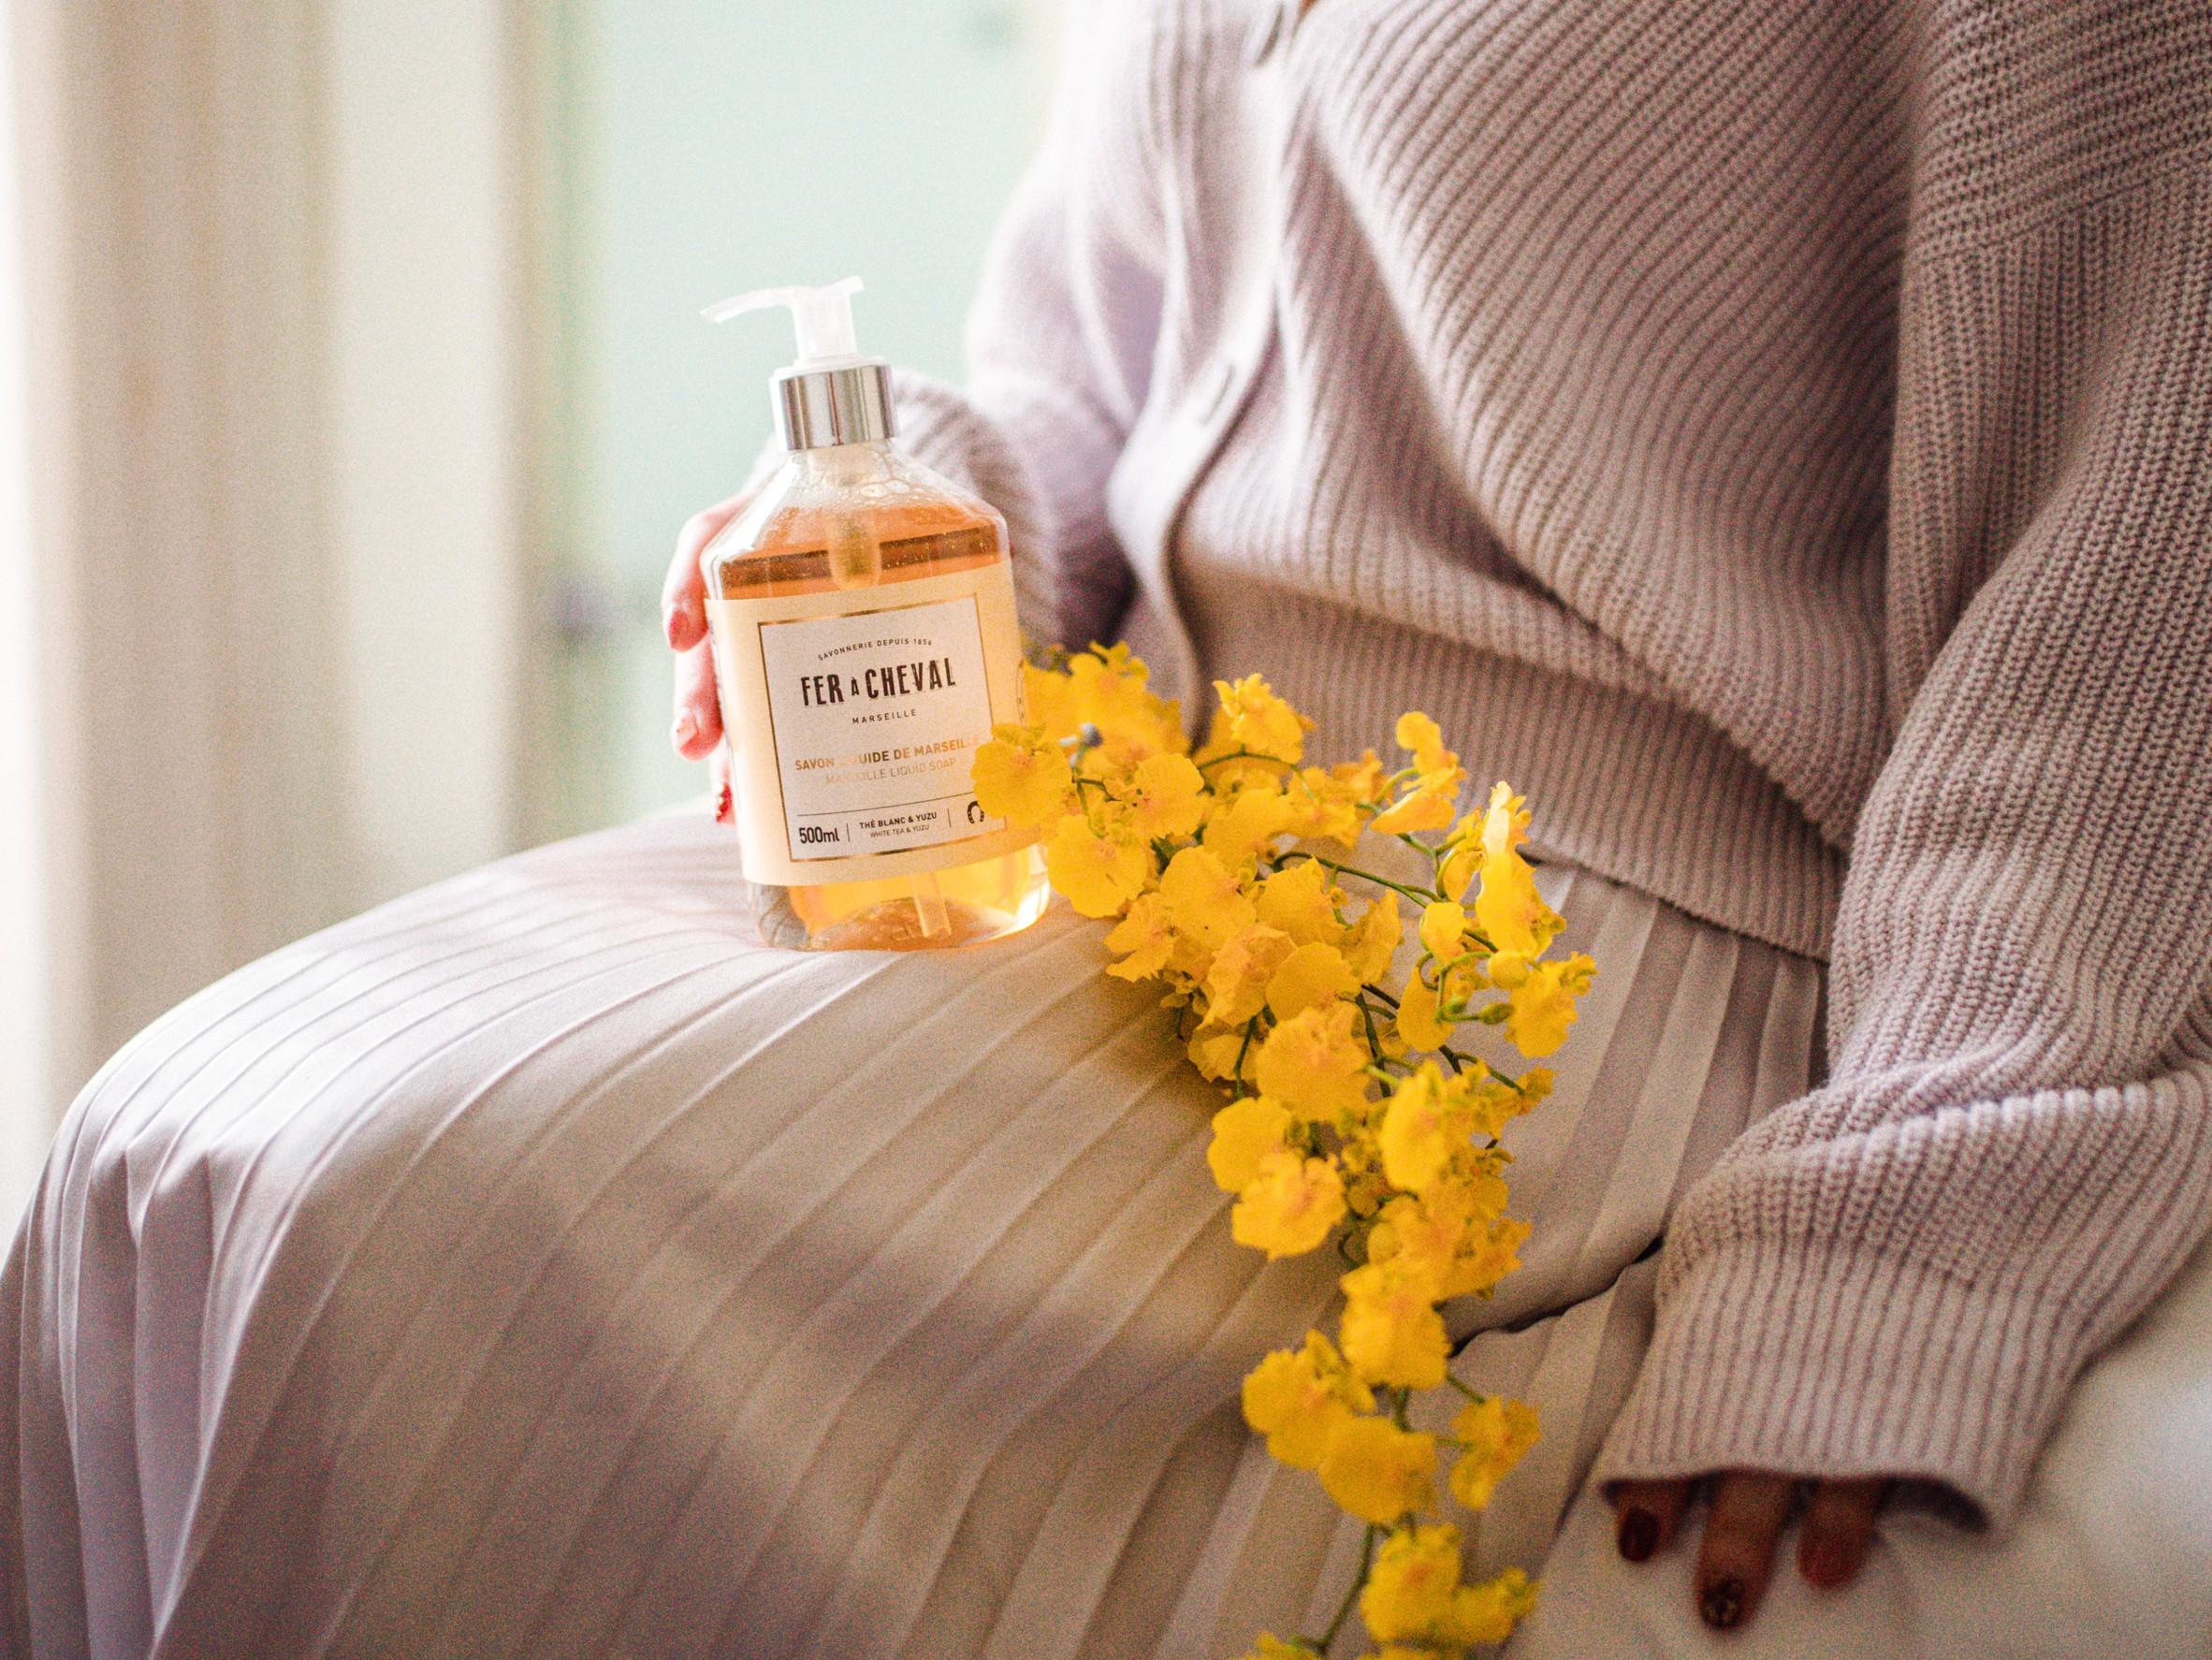 法拉夏馬賽皂好用嗎?Fer À Cheval 南法百年皇家品牌。100%植物油友善環境零污染